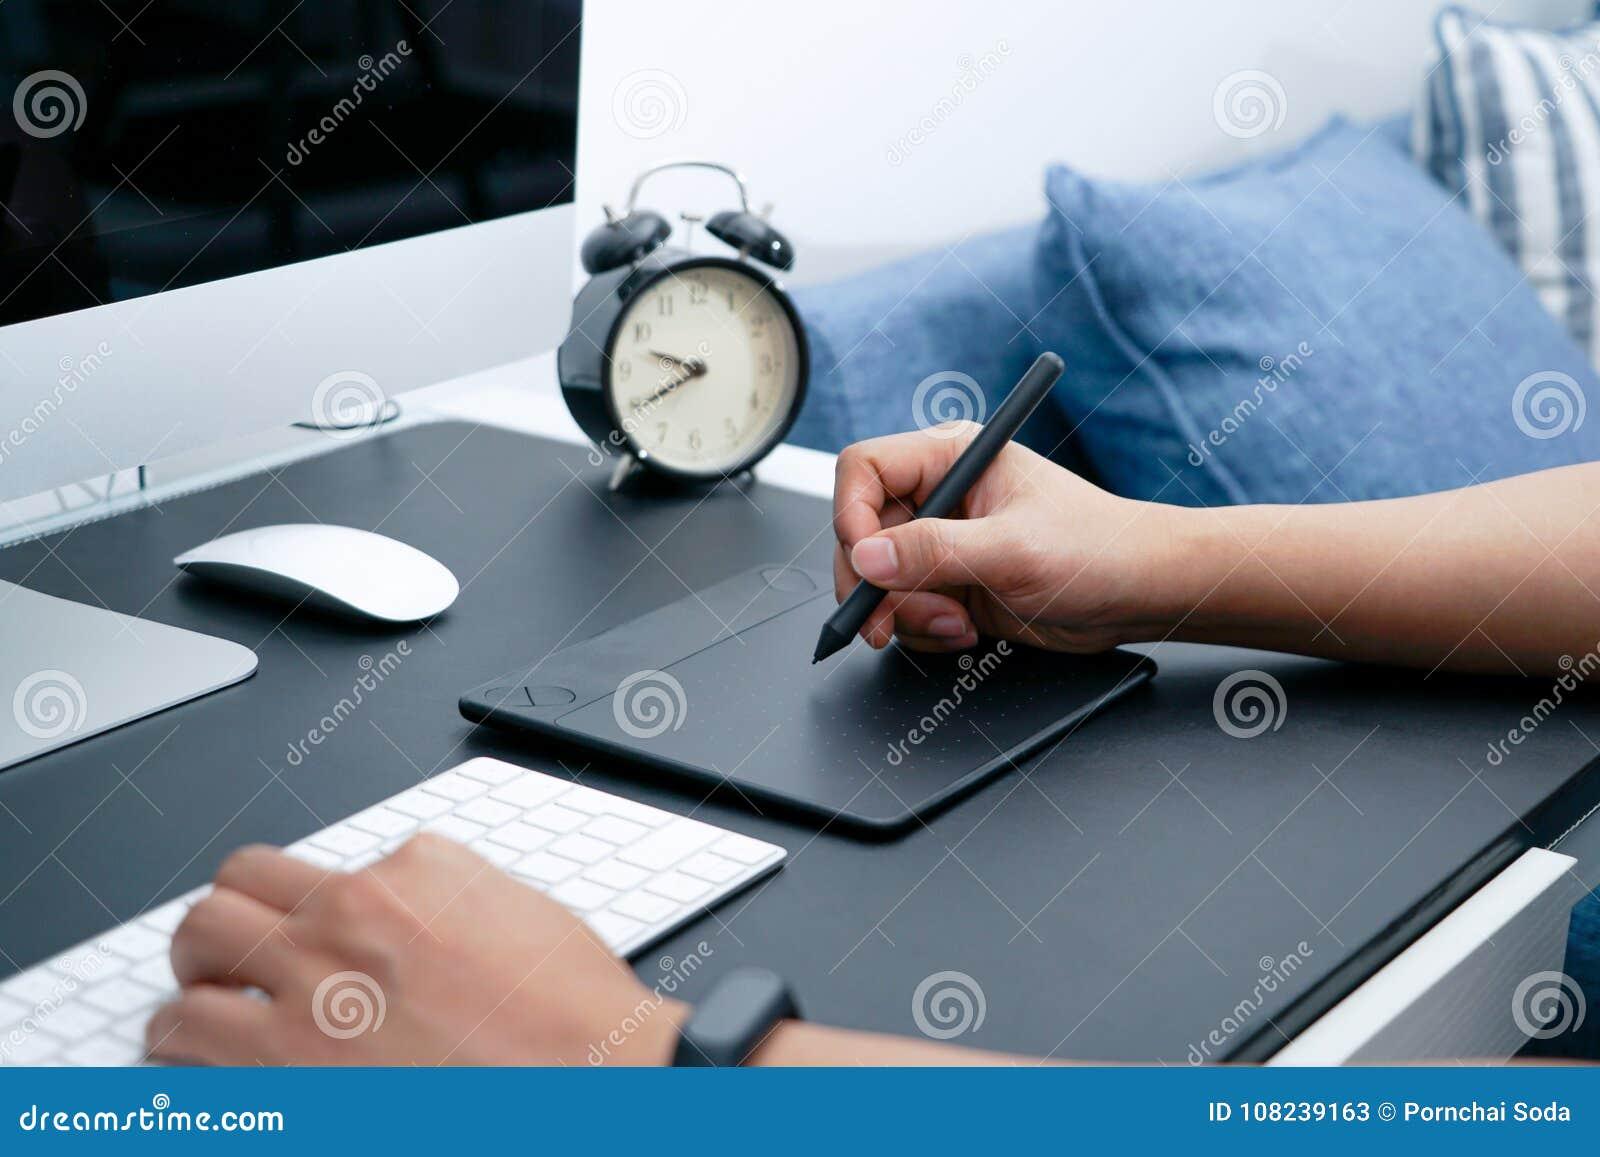 Skupia się na ruchliwie projektant grafik komputerowych pracuje na komputerze cyfrową pióro myszą